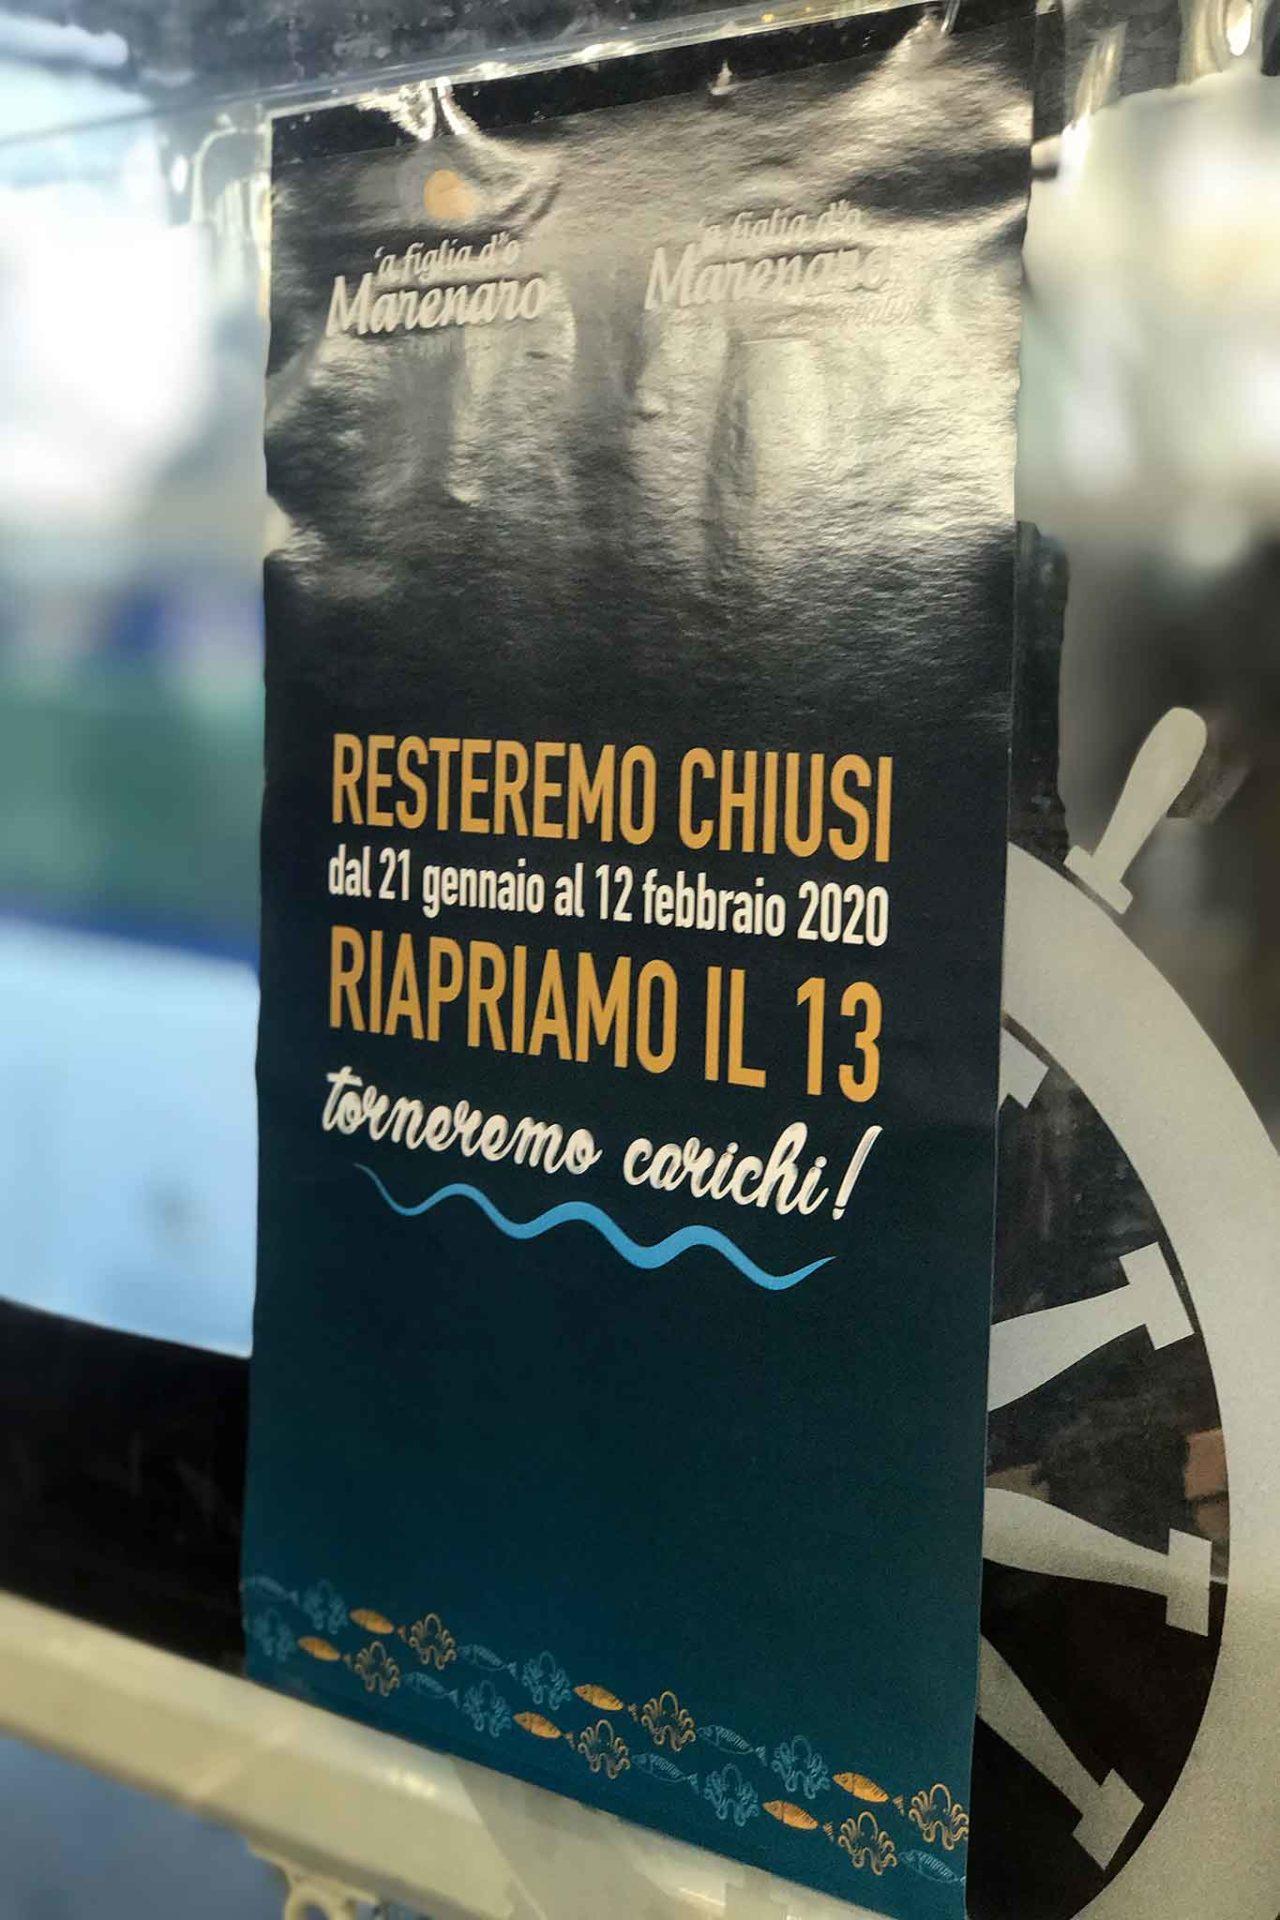 A Figlia do Marenaro Napoli date chiusura 2020